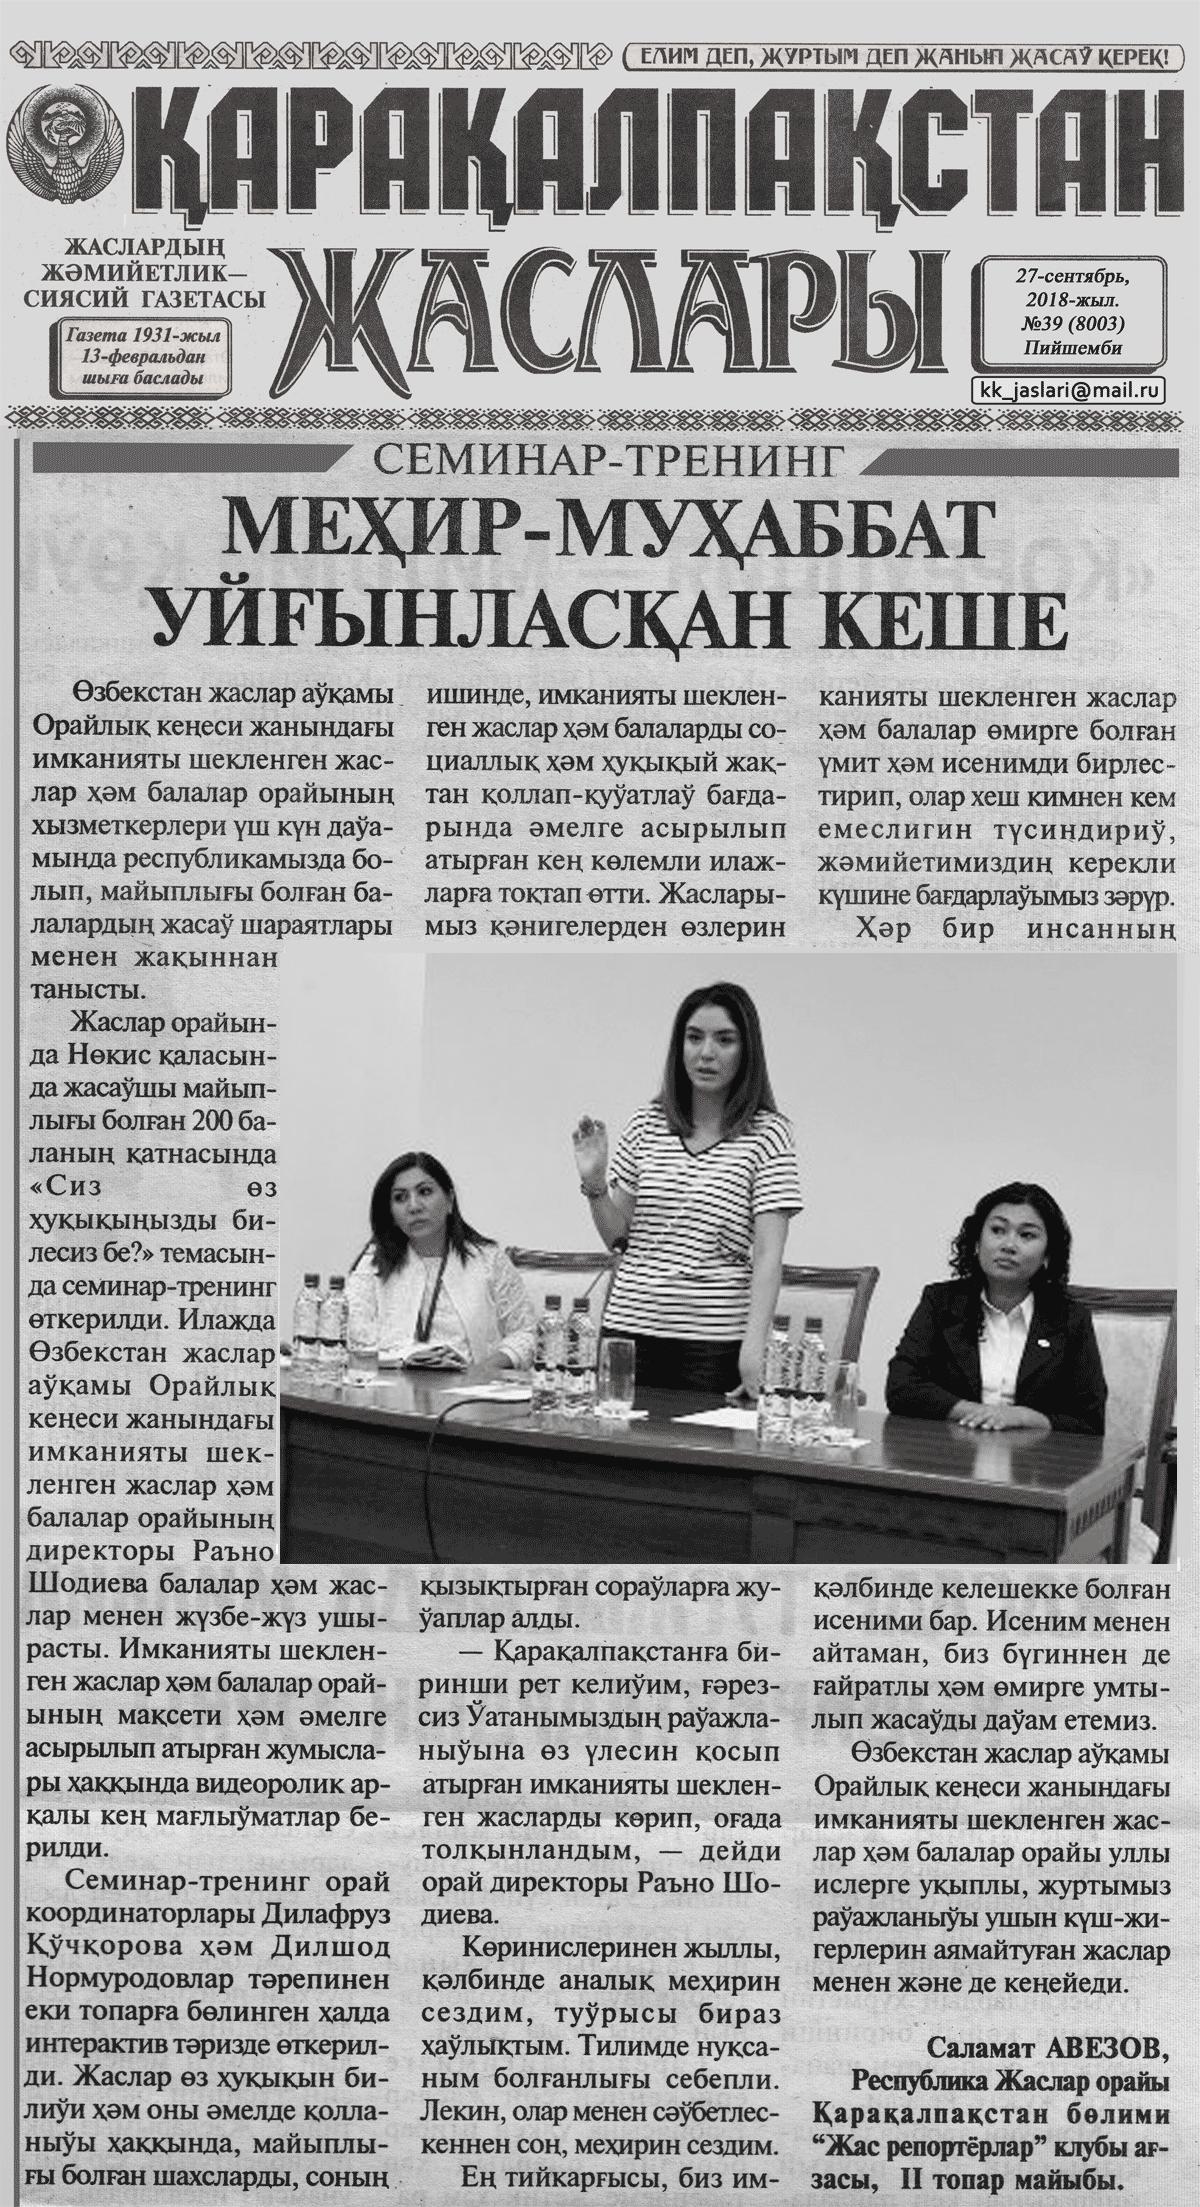 «Қарақалпақстан жаслары» газетасы 27-сентябрь, 2018-жыл. №39 (8003)